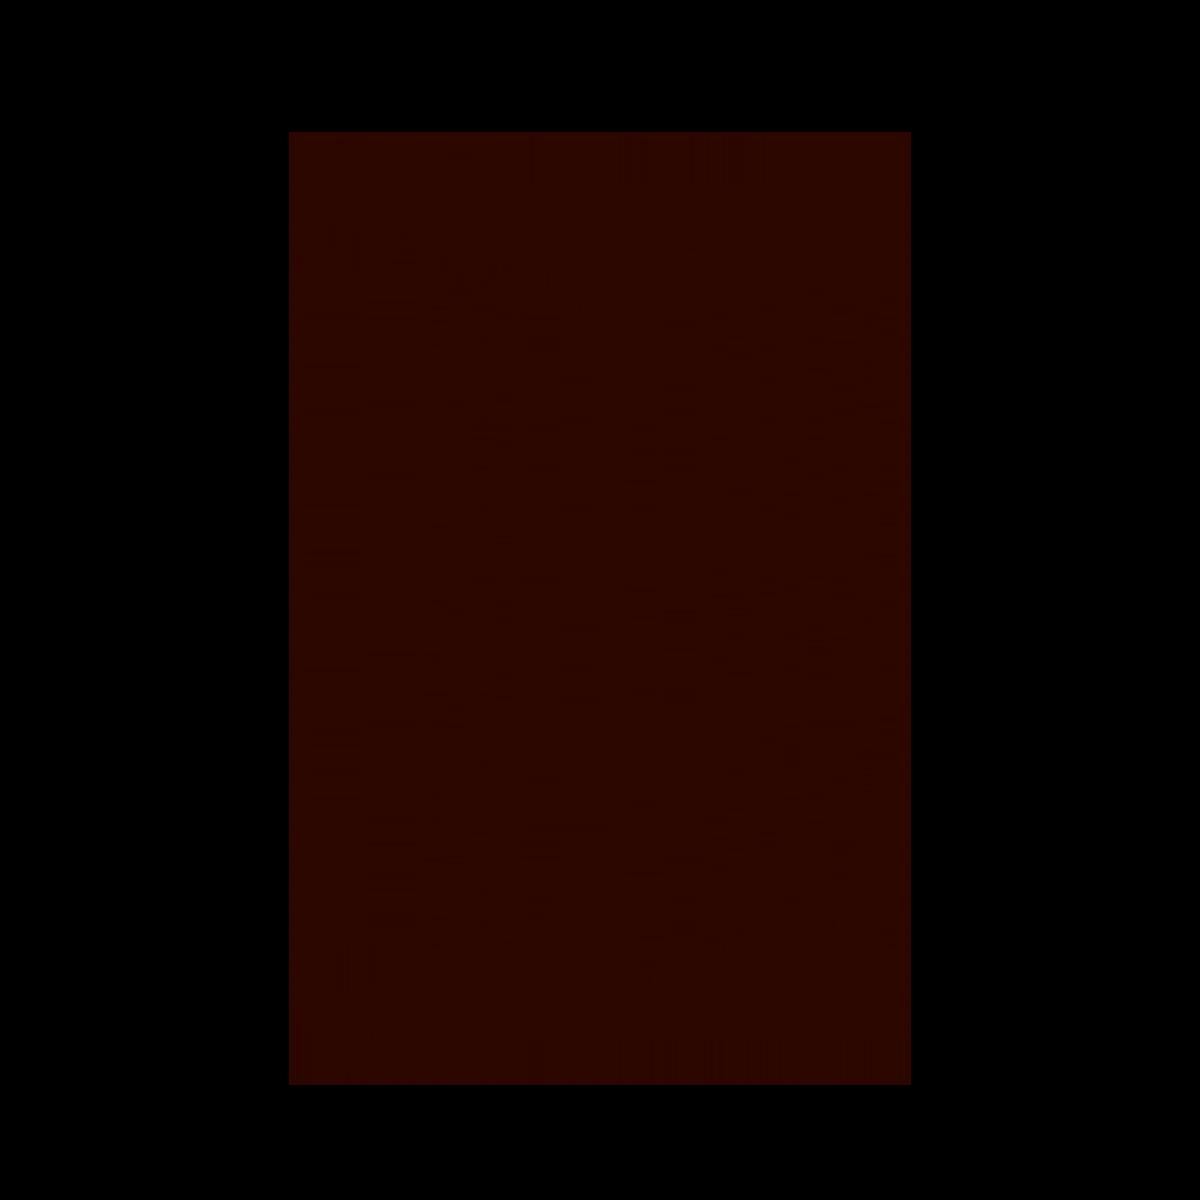 ATC påboringstætning til plastrør